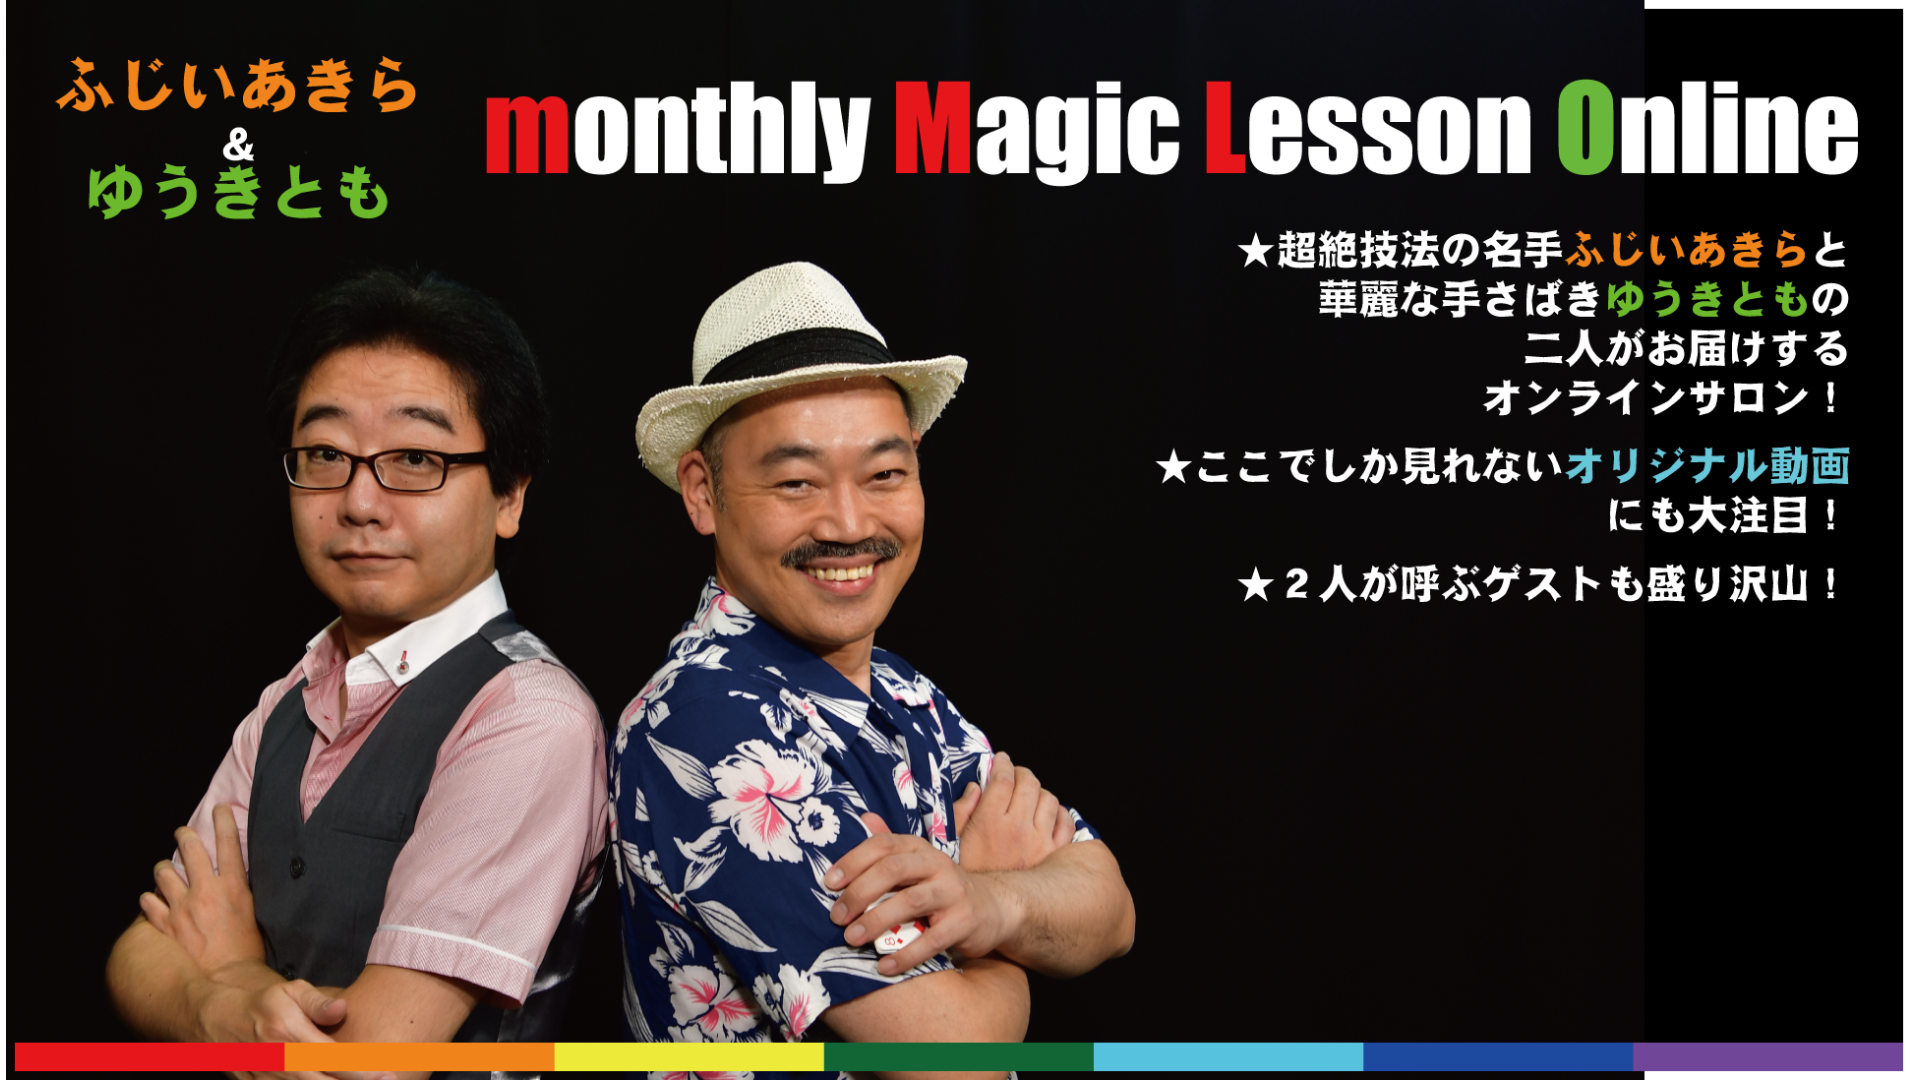 ふじいあきら & ゆうきとも - monthly Magic Lesson Online - DMM オンラインサロン